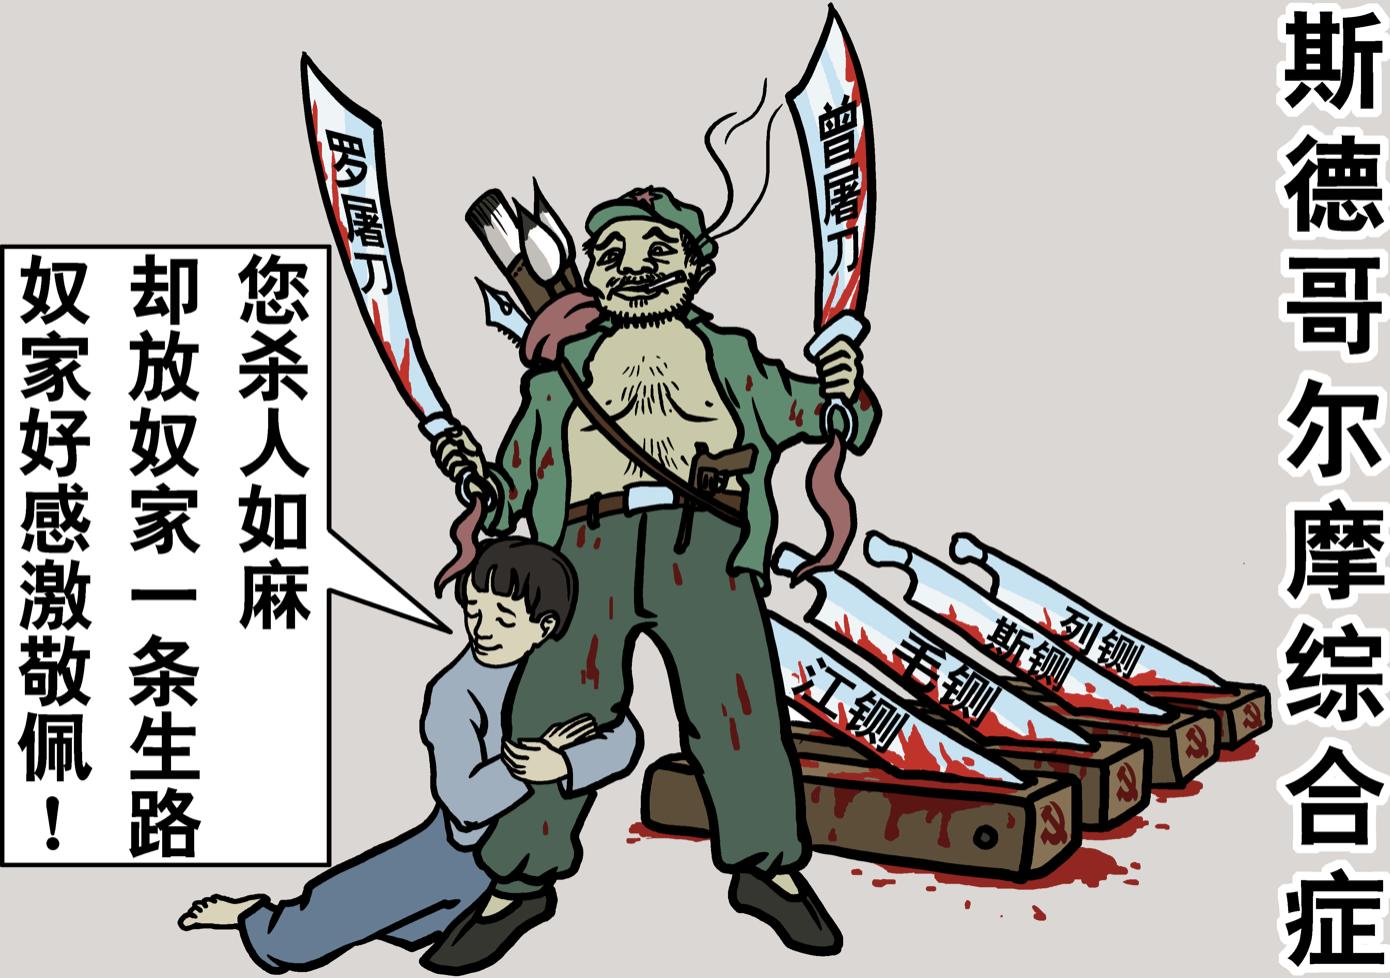 九評共產黨關於斯德哥爾摩綜合症的插圖(大紀元)